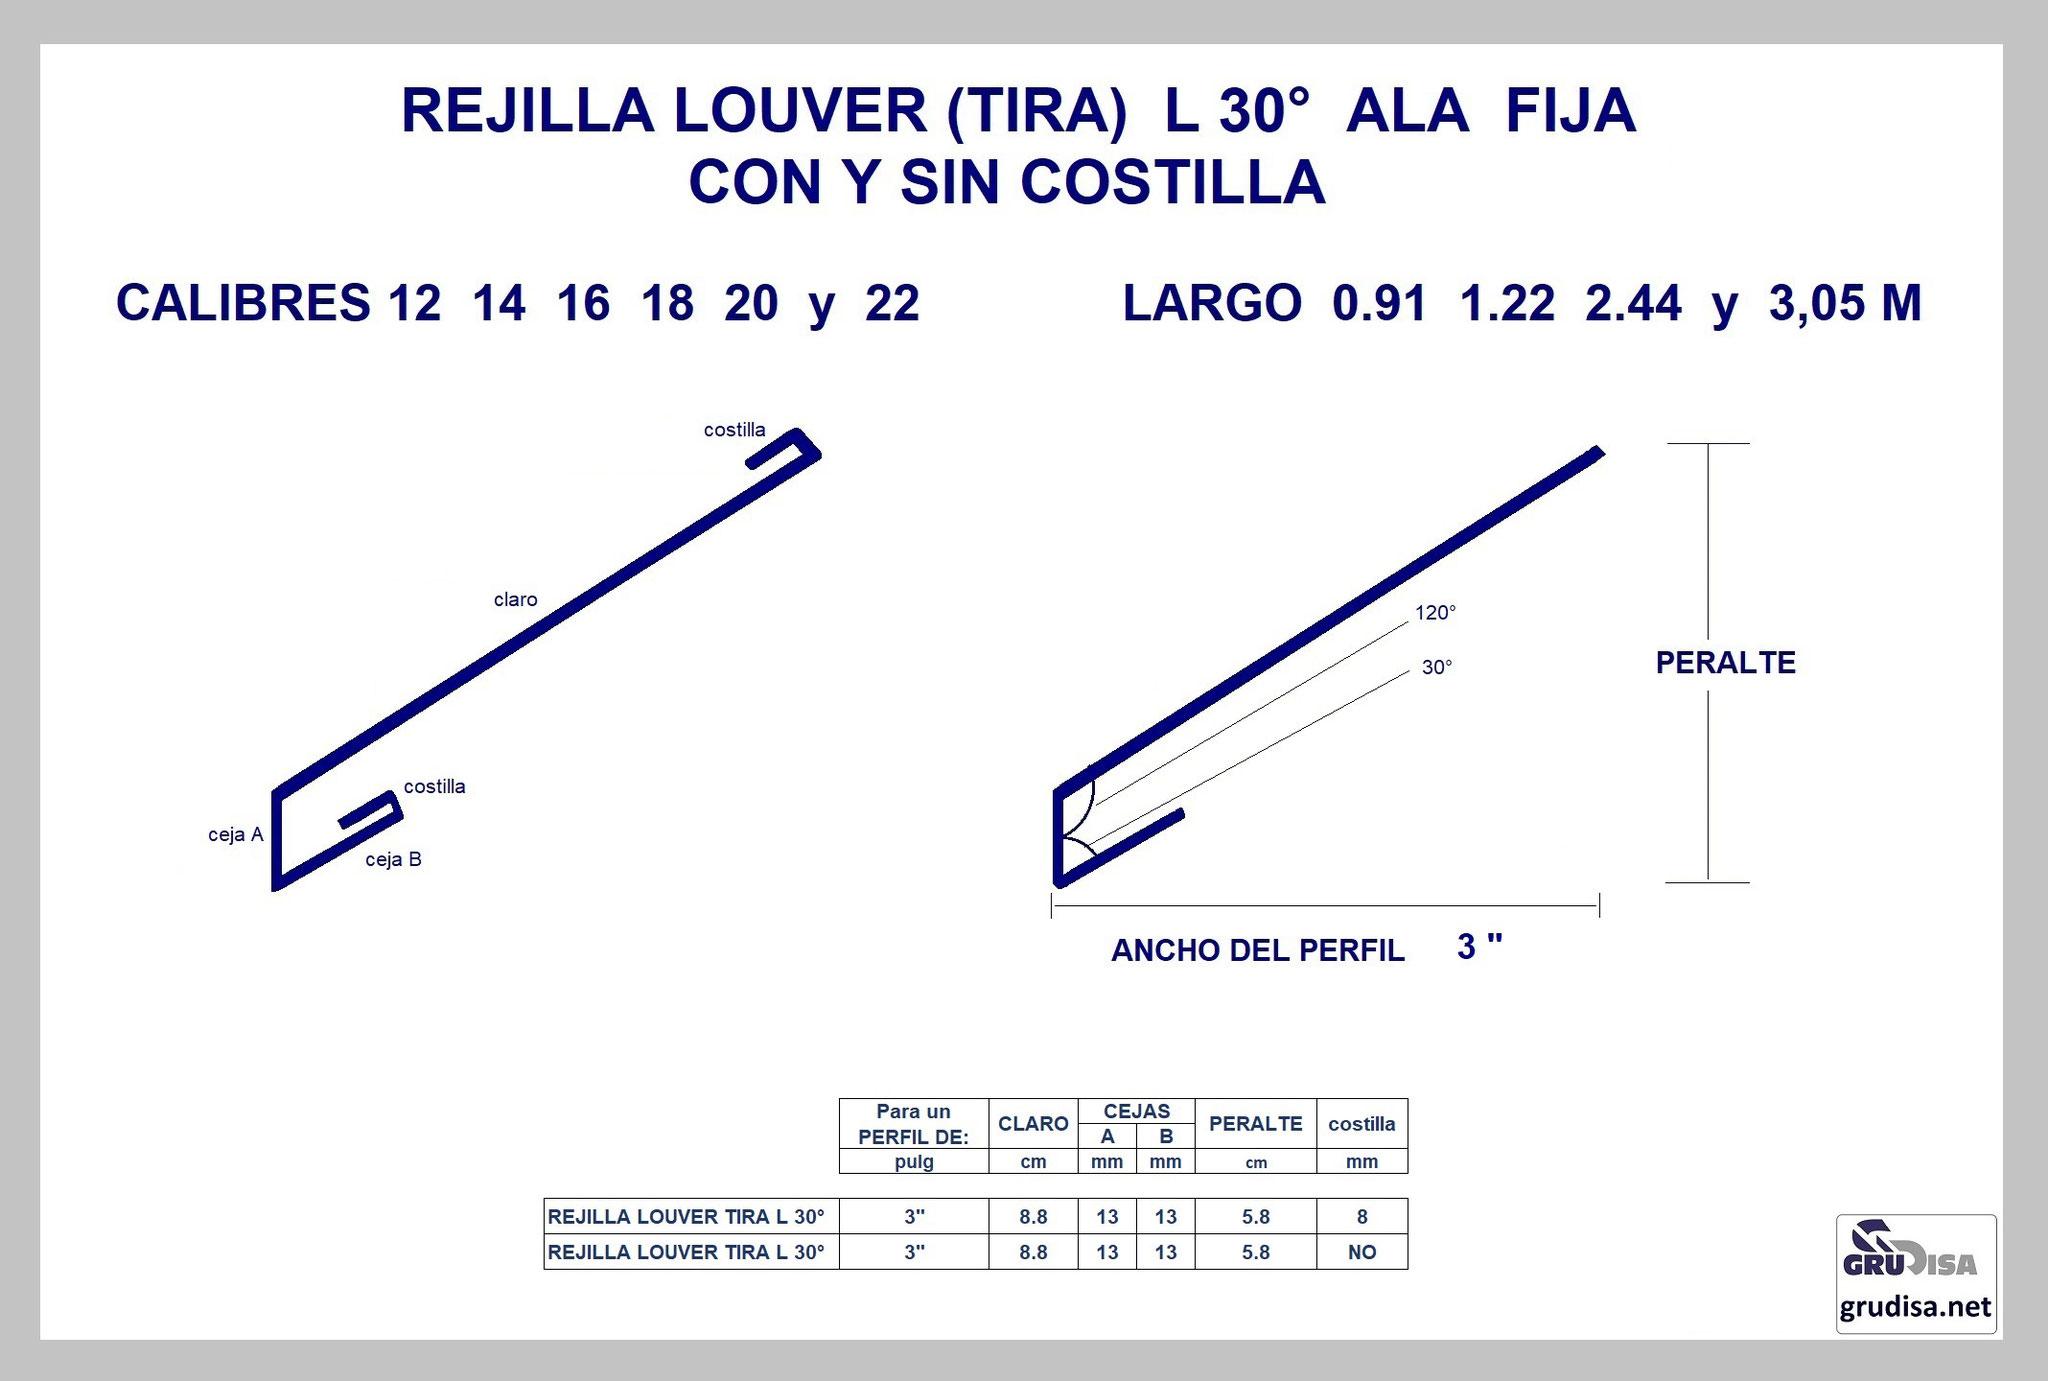 """REJILLA LOUVER (TIRA) L 30° Para PERFIL de 3"""" CON y SIN COSTILLA"""